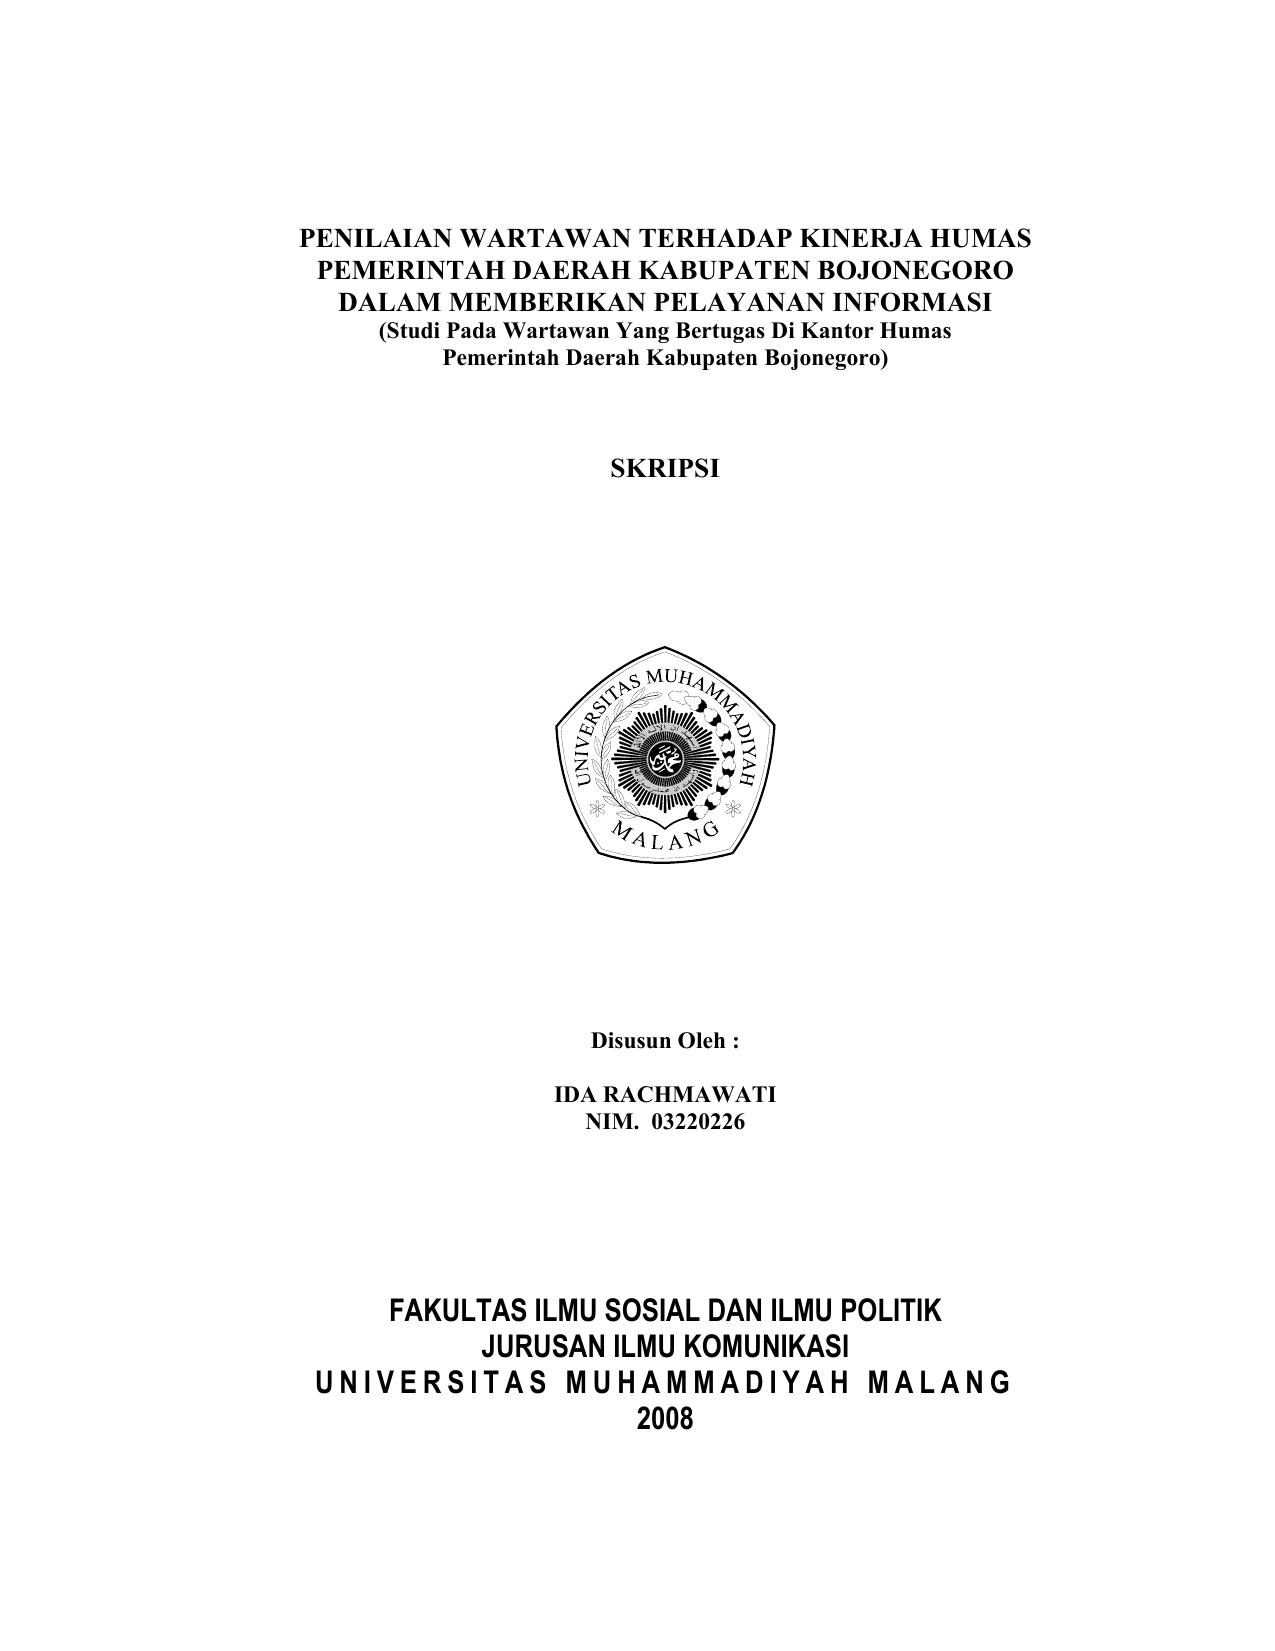 Contoh Skripsi Ilmu Komunikasi Contoh Soal Dan